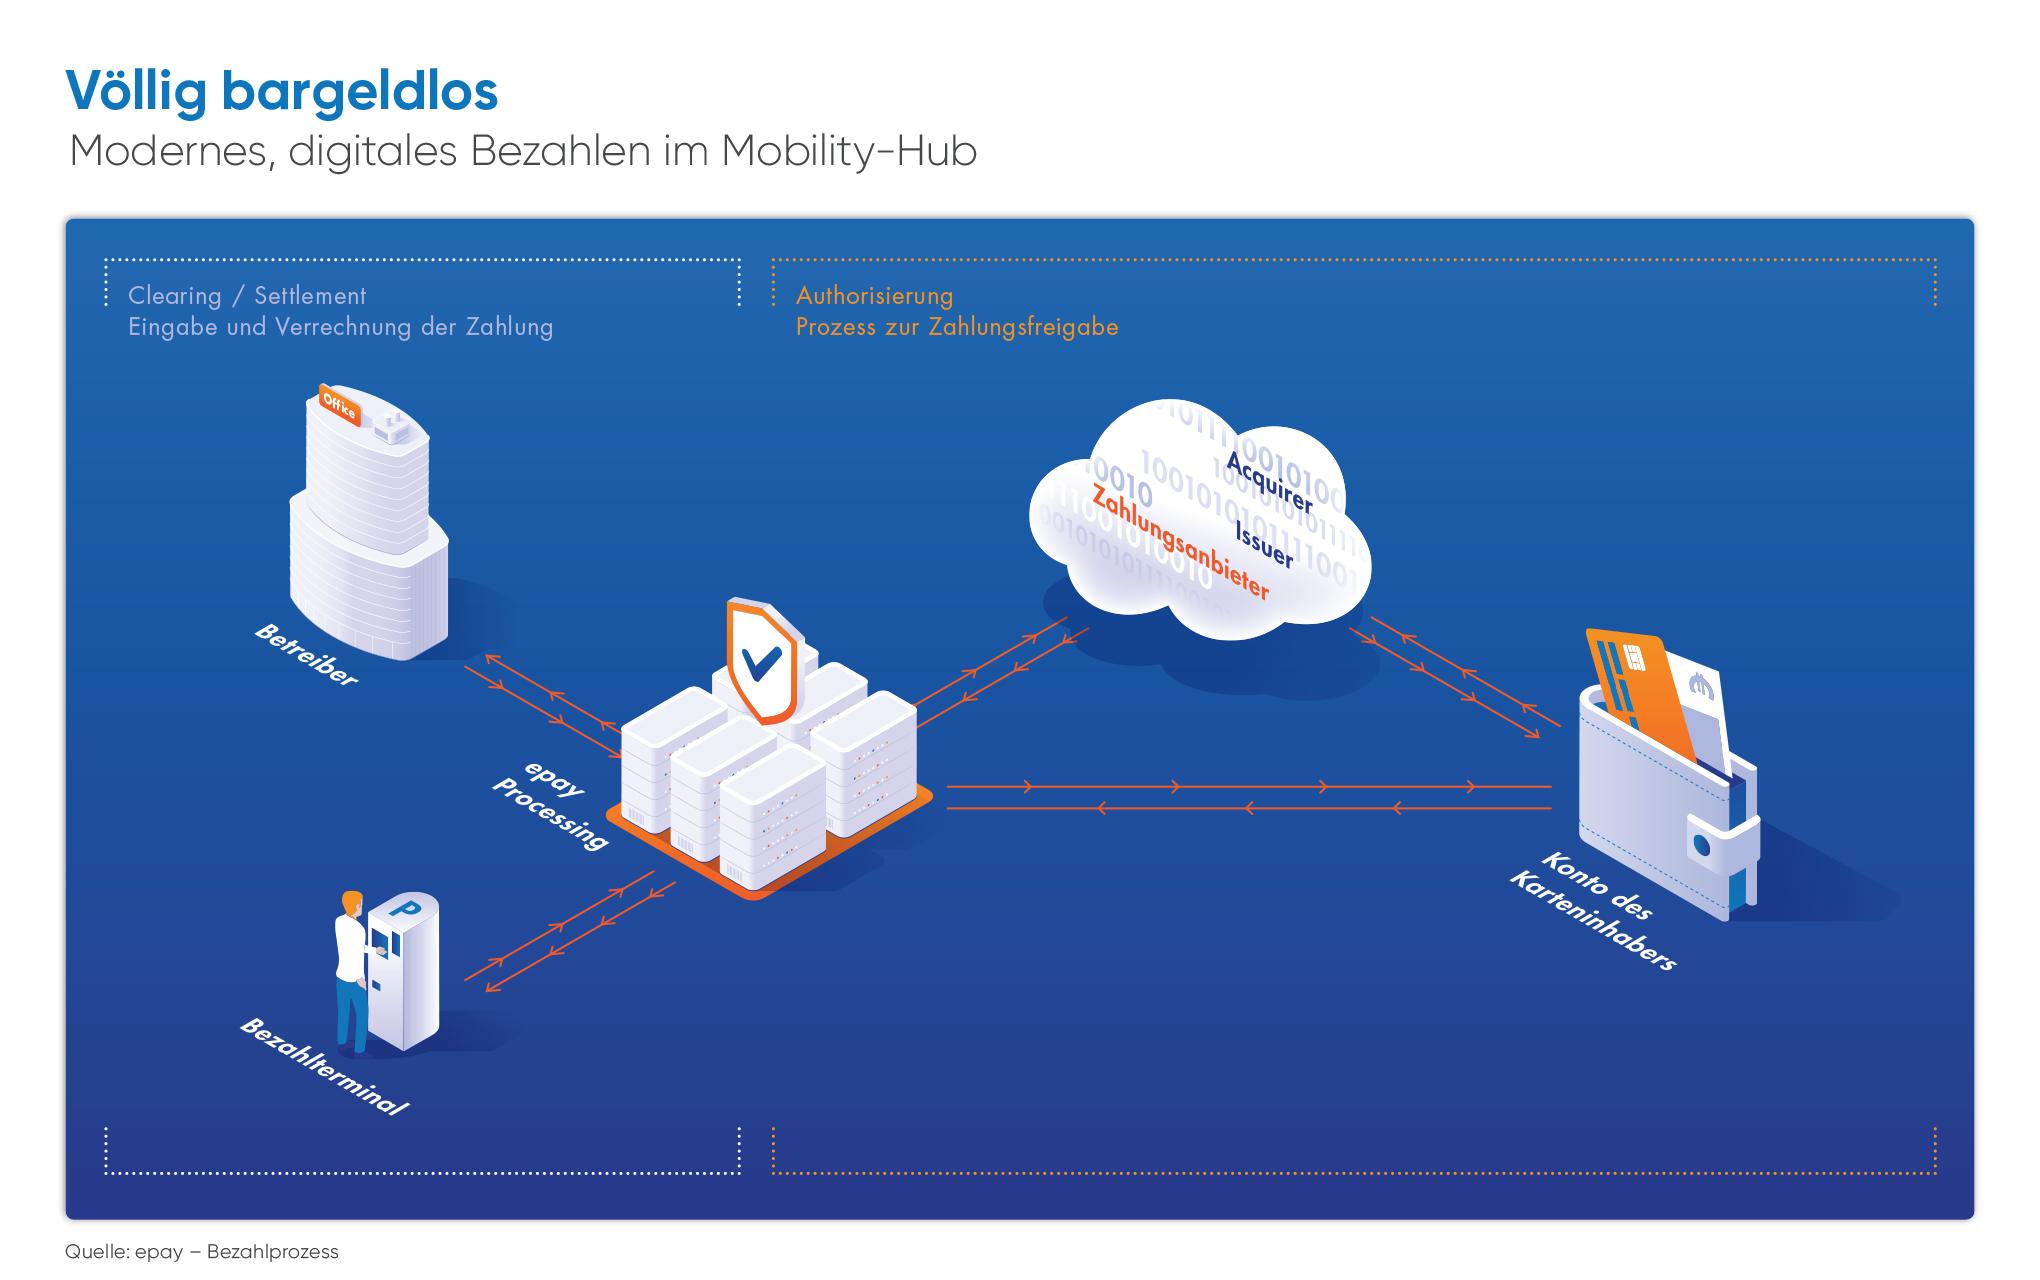 Digitales Bezahlen im Mobility-Hub